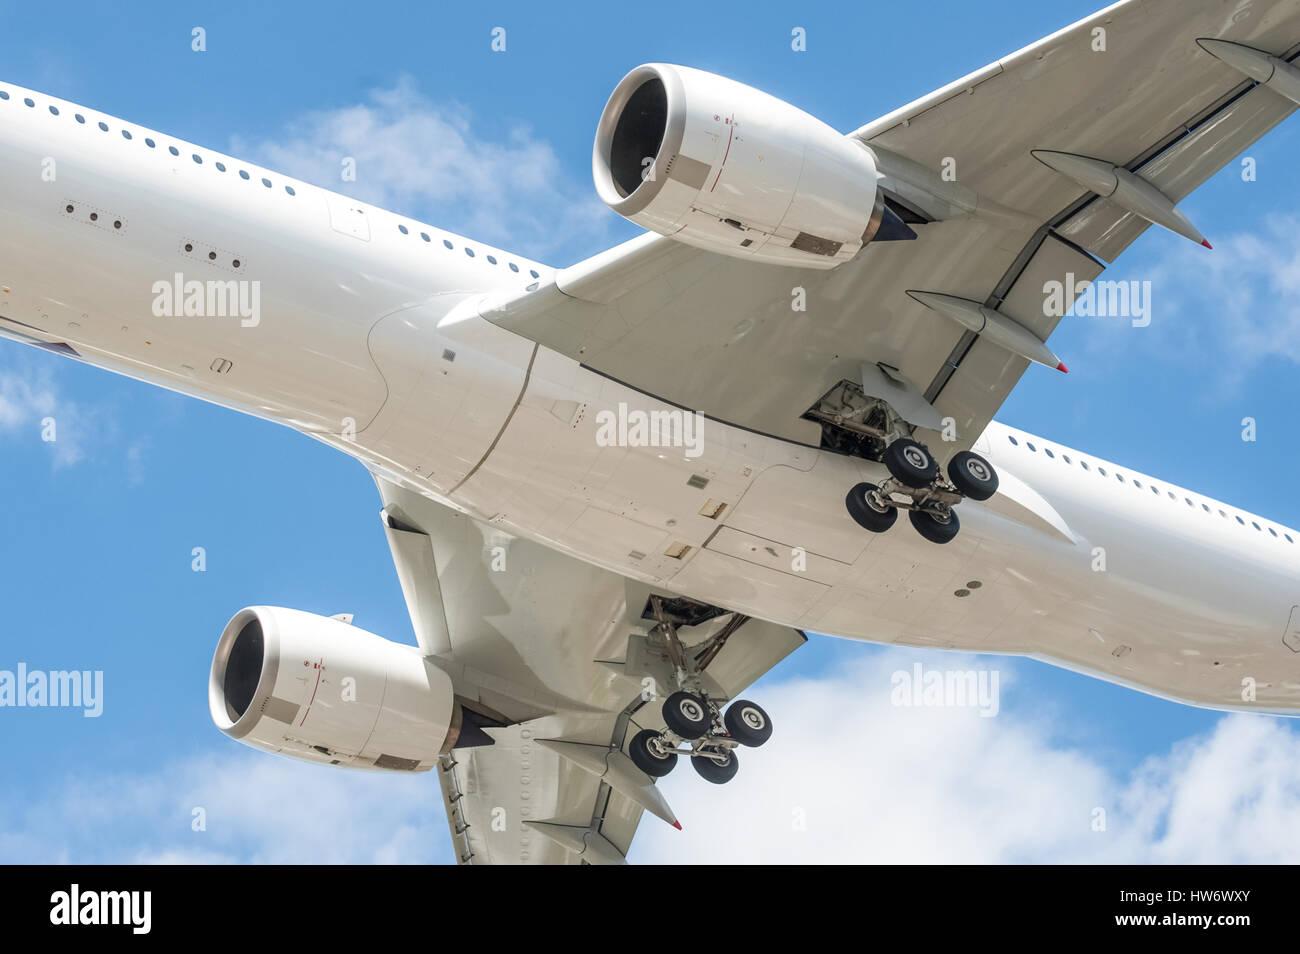 Primo piano di un grande aereo passeggeri sottocarro - visibile alcun marchi Immagini Stock